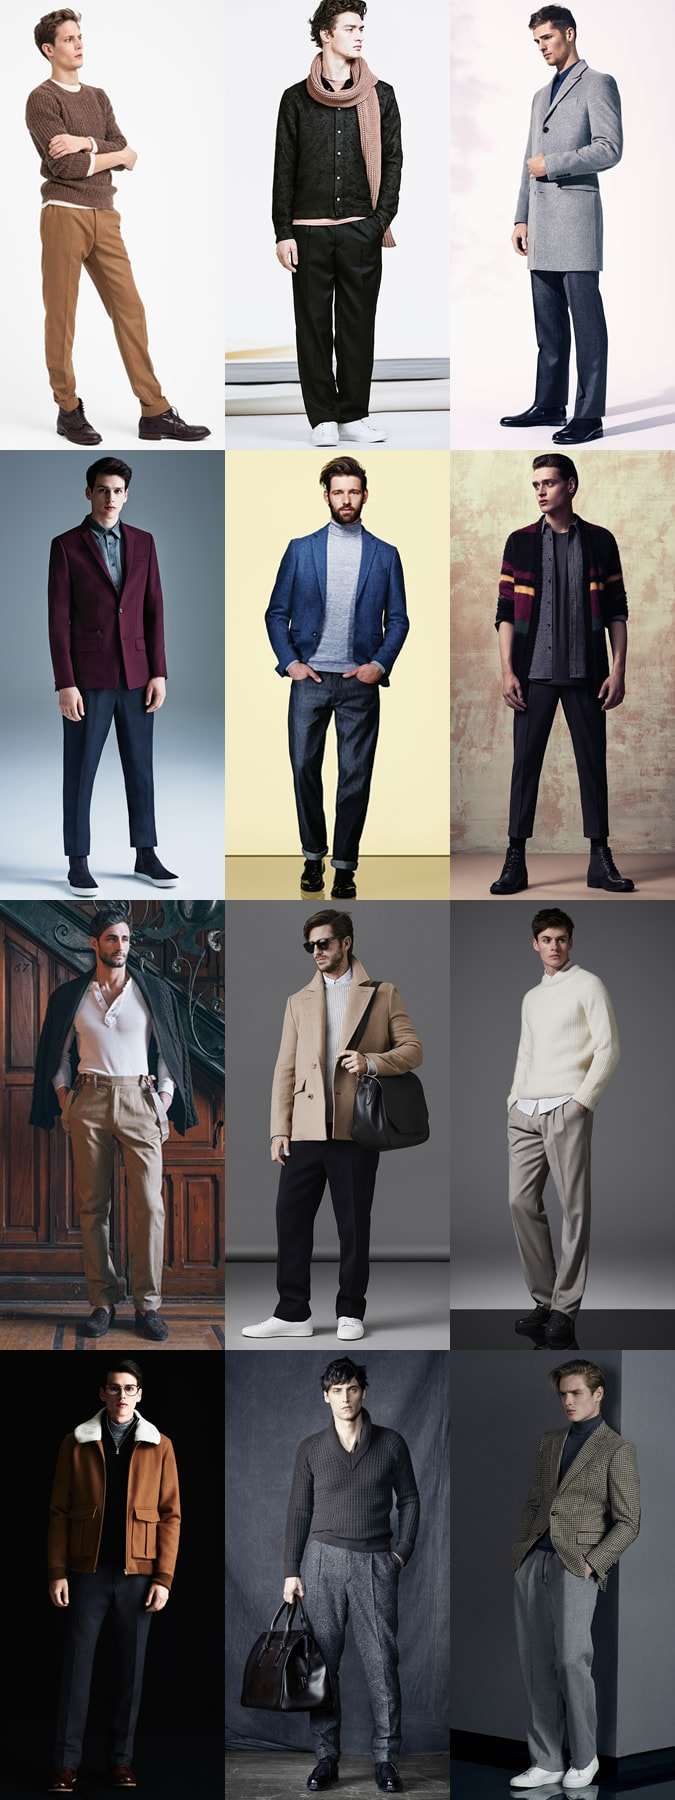 Широкие брюки - модный тренд сезона осень-зима 2015-2016 года